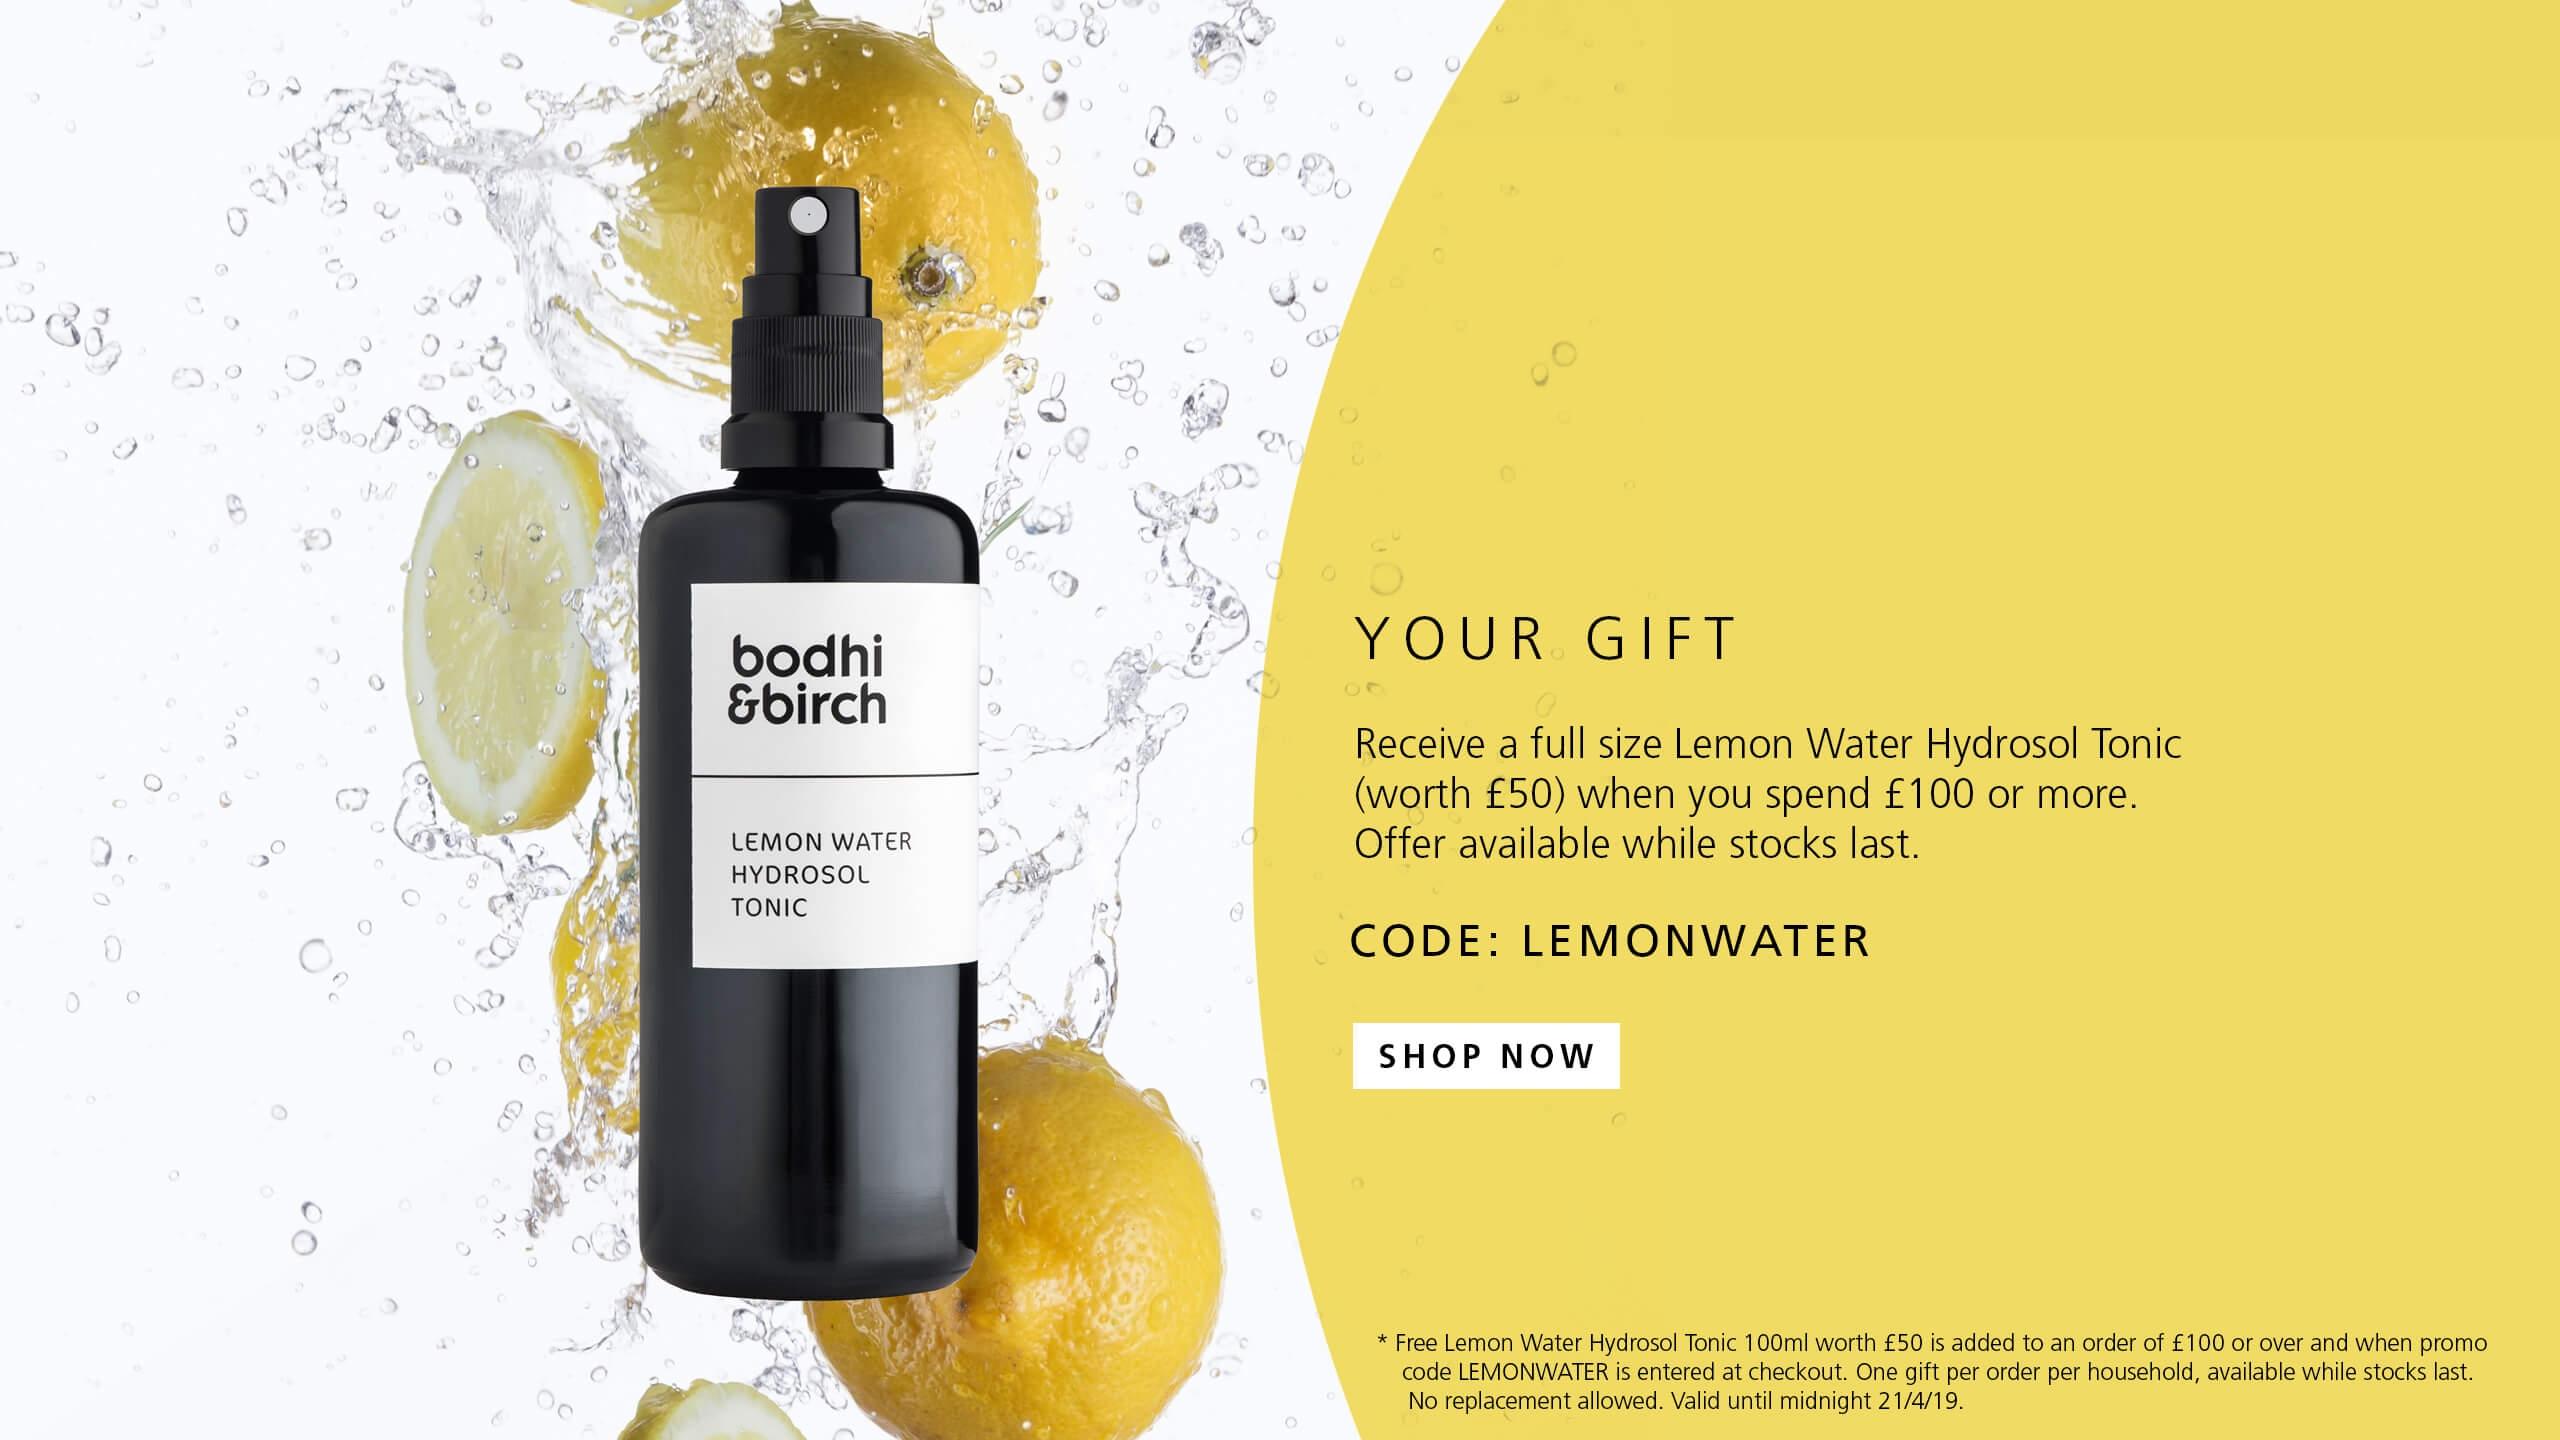 Free Lemon Water